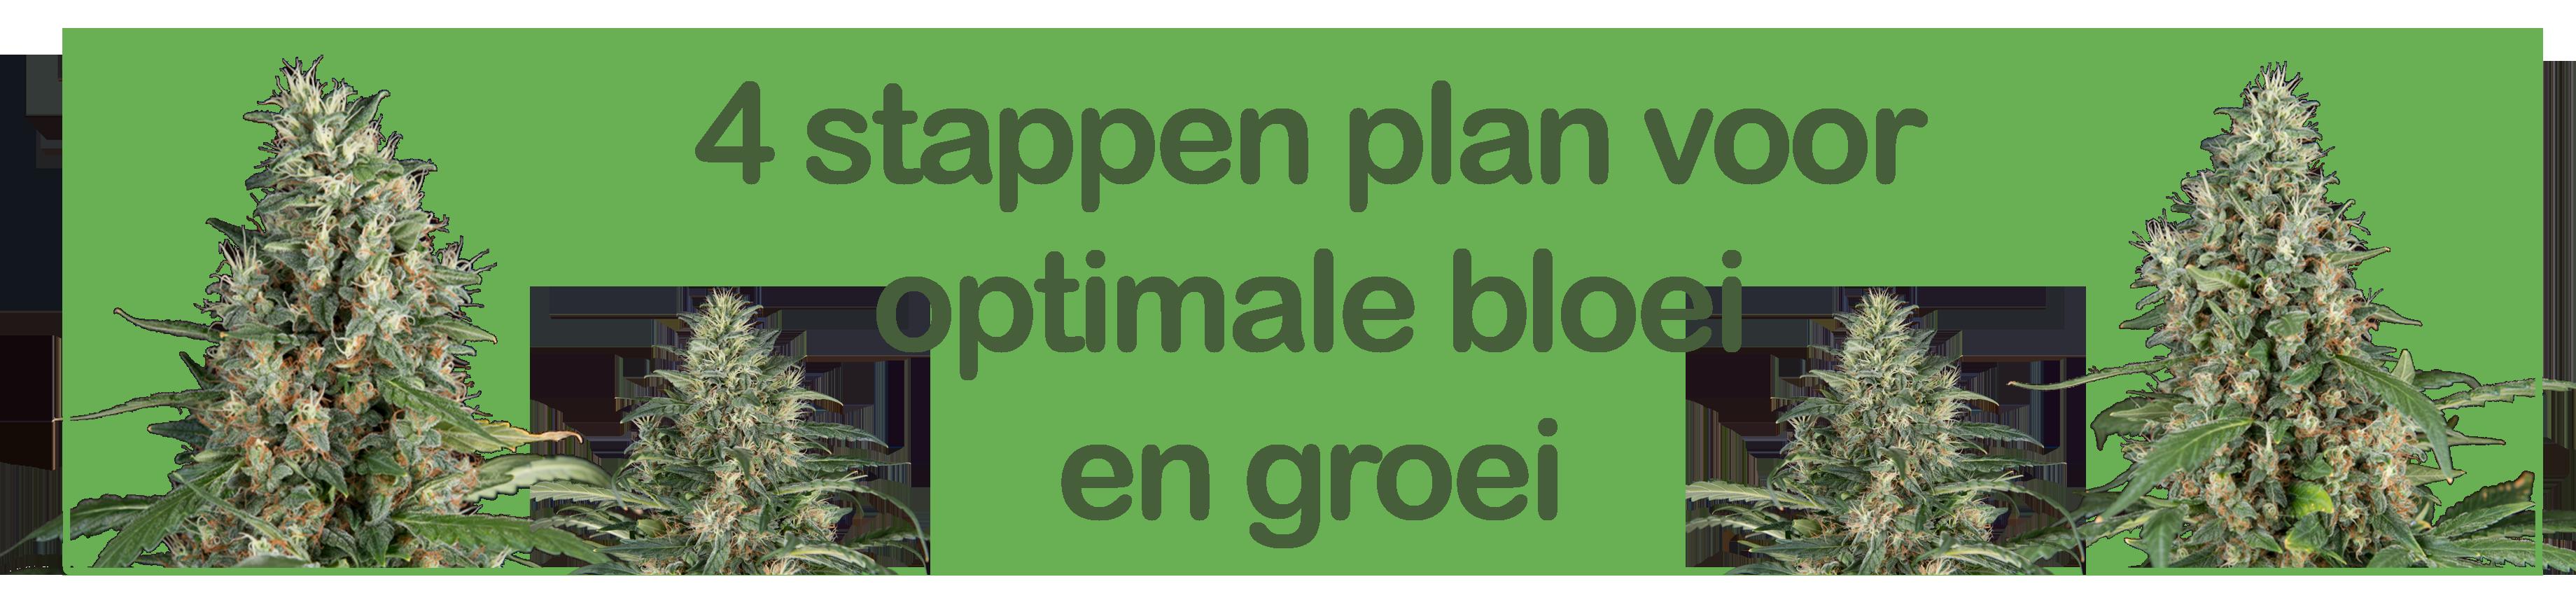 4 stappen plan voor een volledige organische kweek